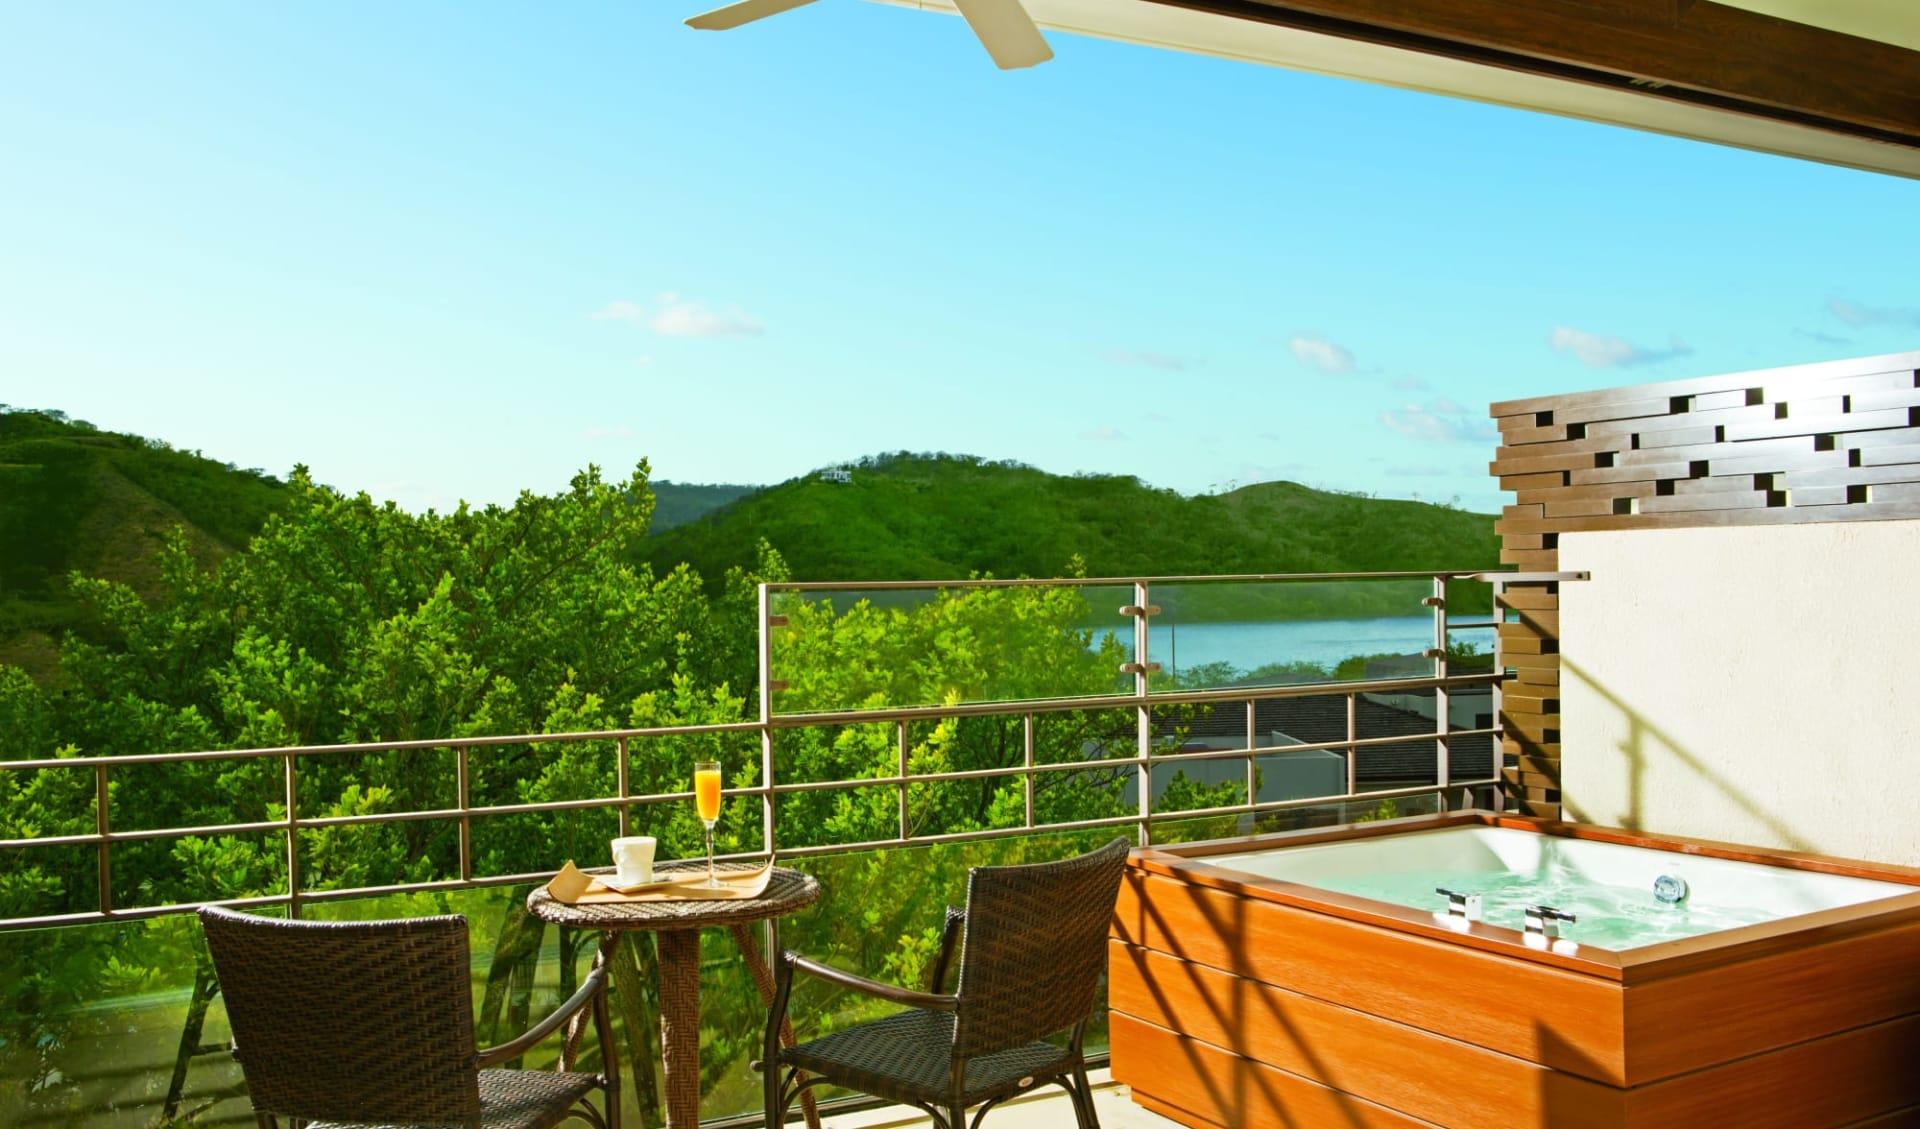 Dreams Las Mareas in Bahia Jobo:  Dreams Las Mareas-Junior Suite Mountain Jungle View